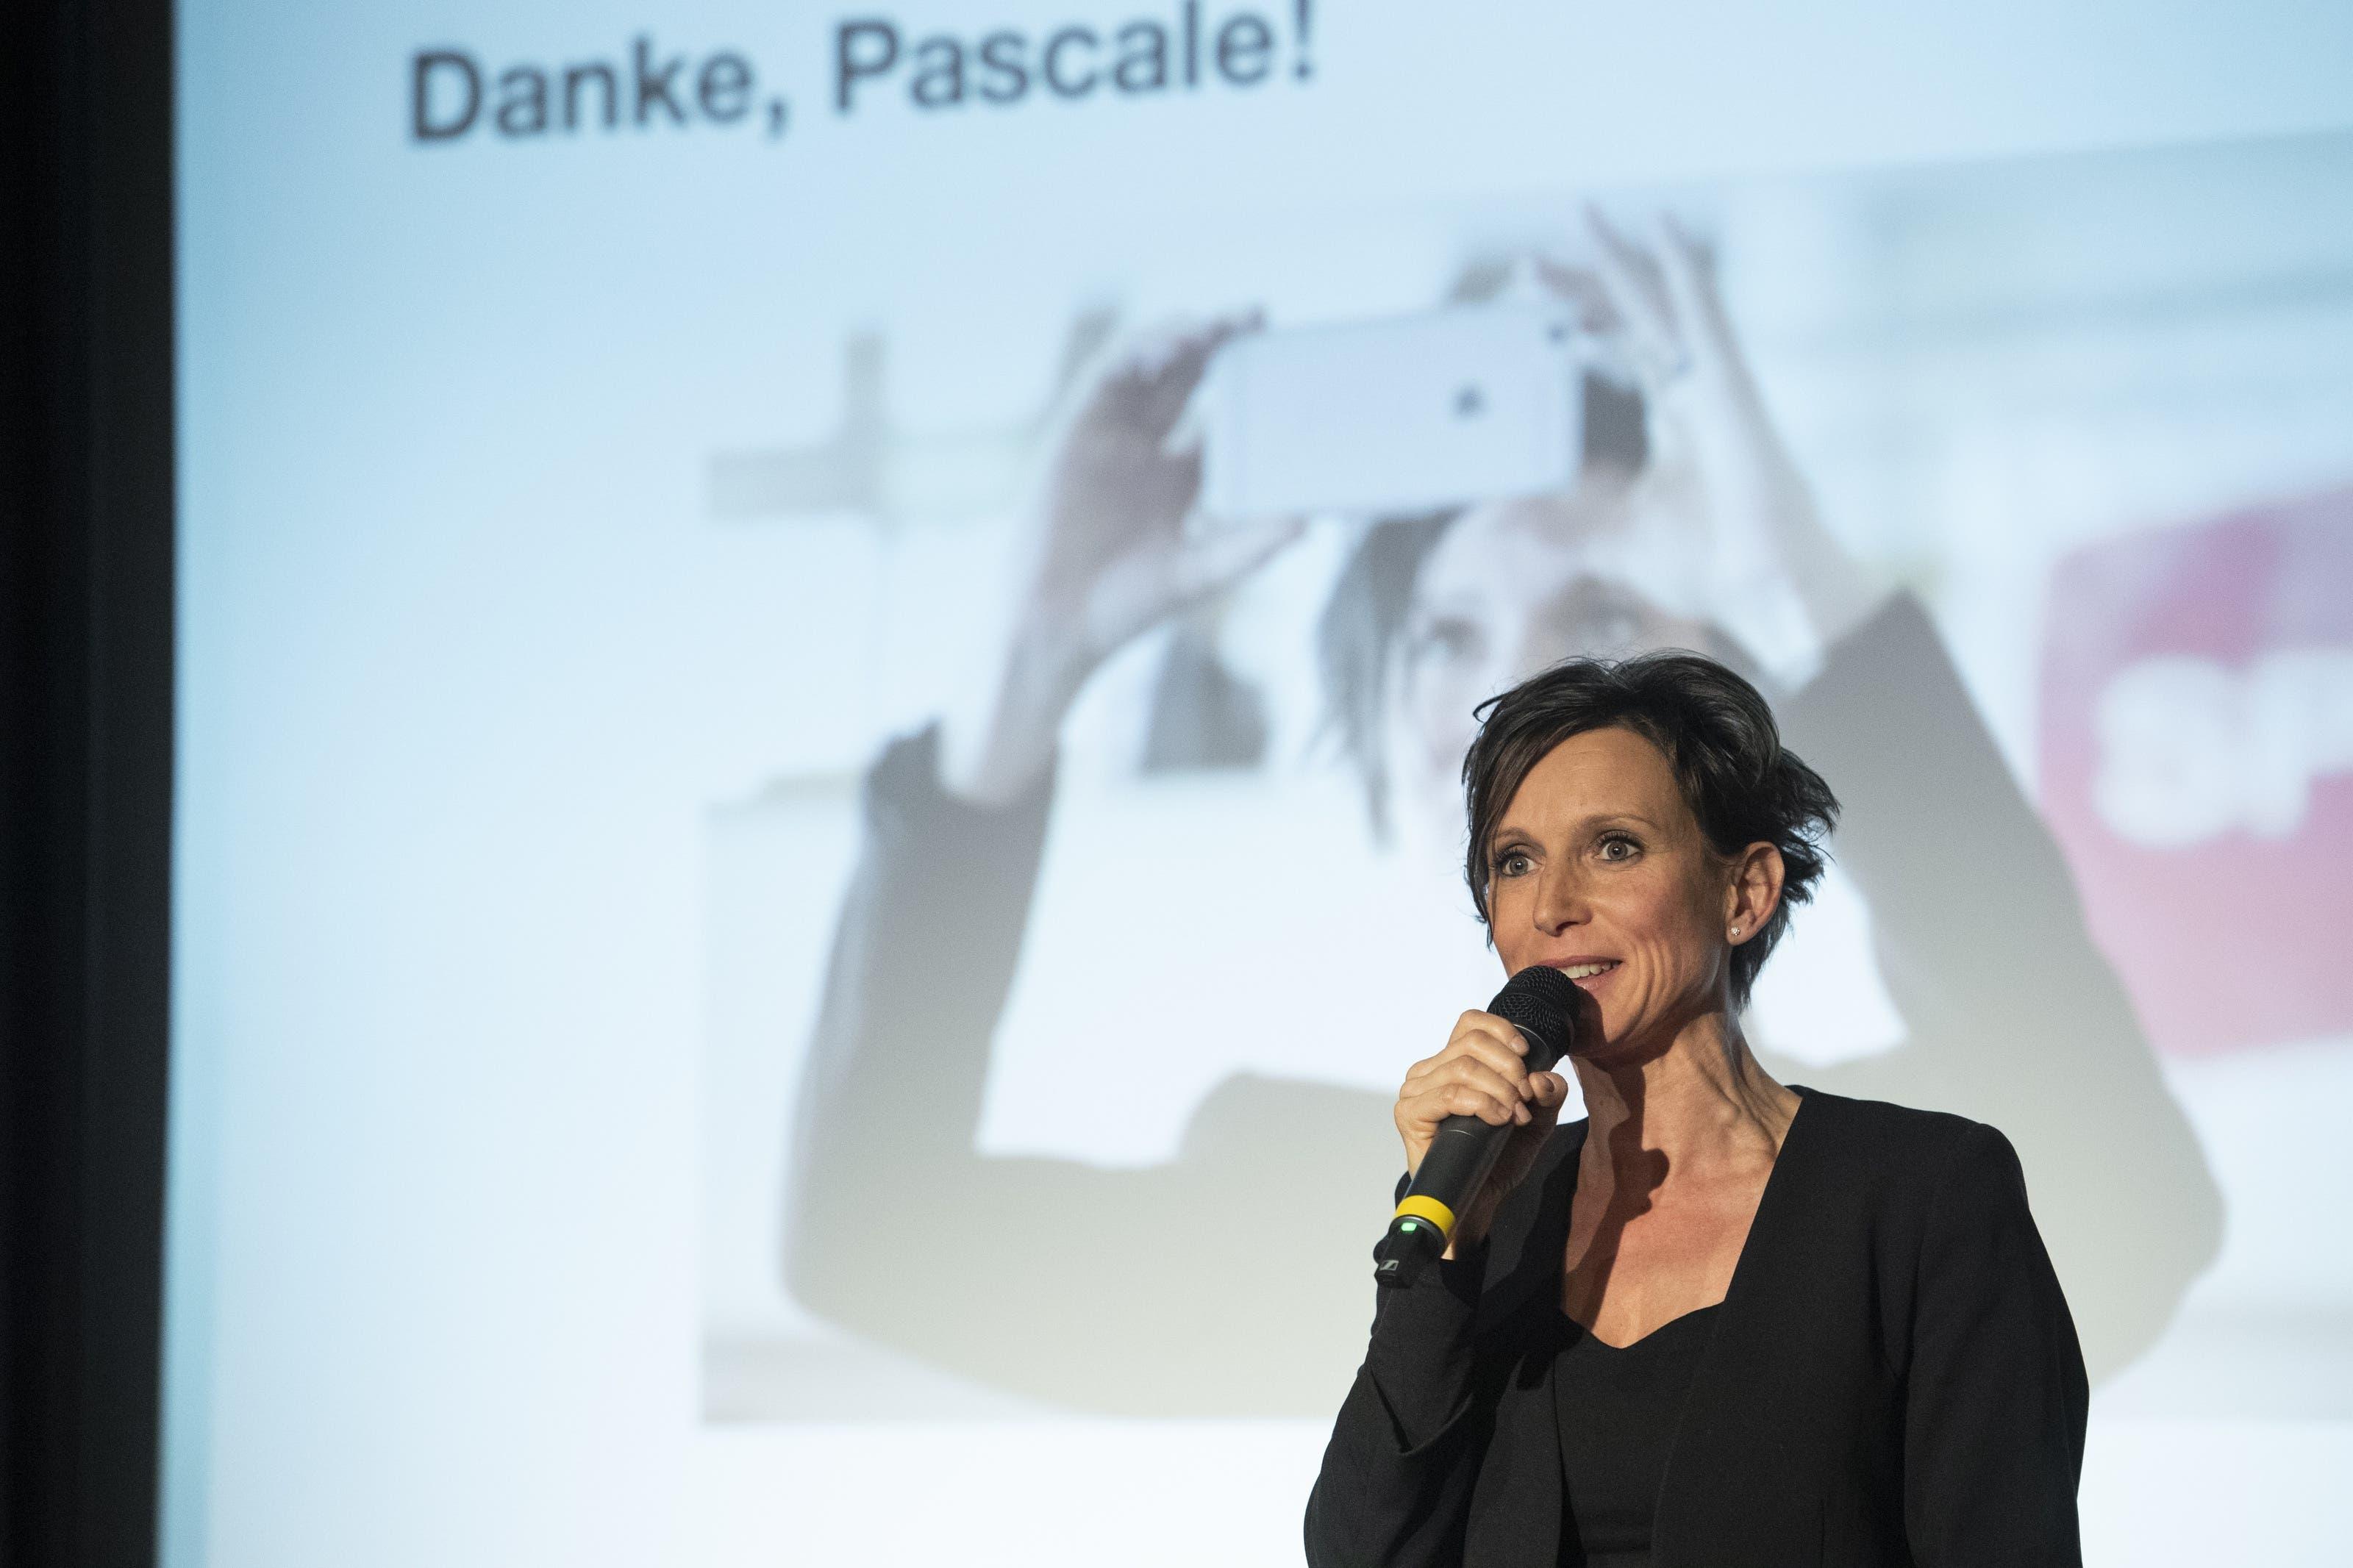 Am Parteitag der SP Aargau in der Stanzerei Baden wurde alt Ständerätin Pascale Bruderer offiziell verabschiedet.